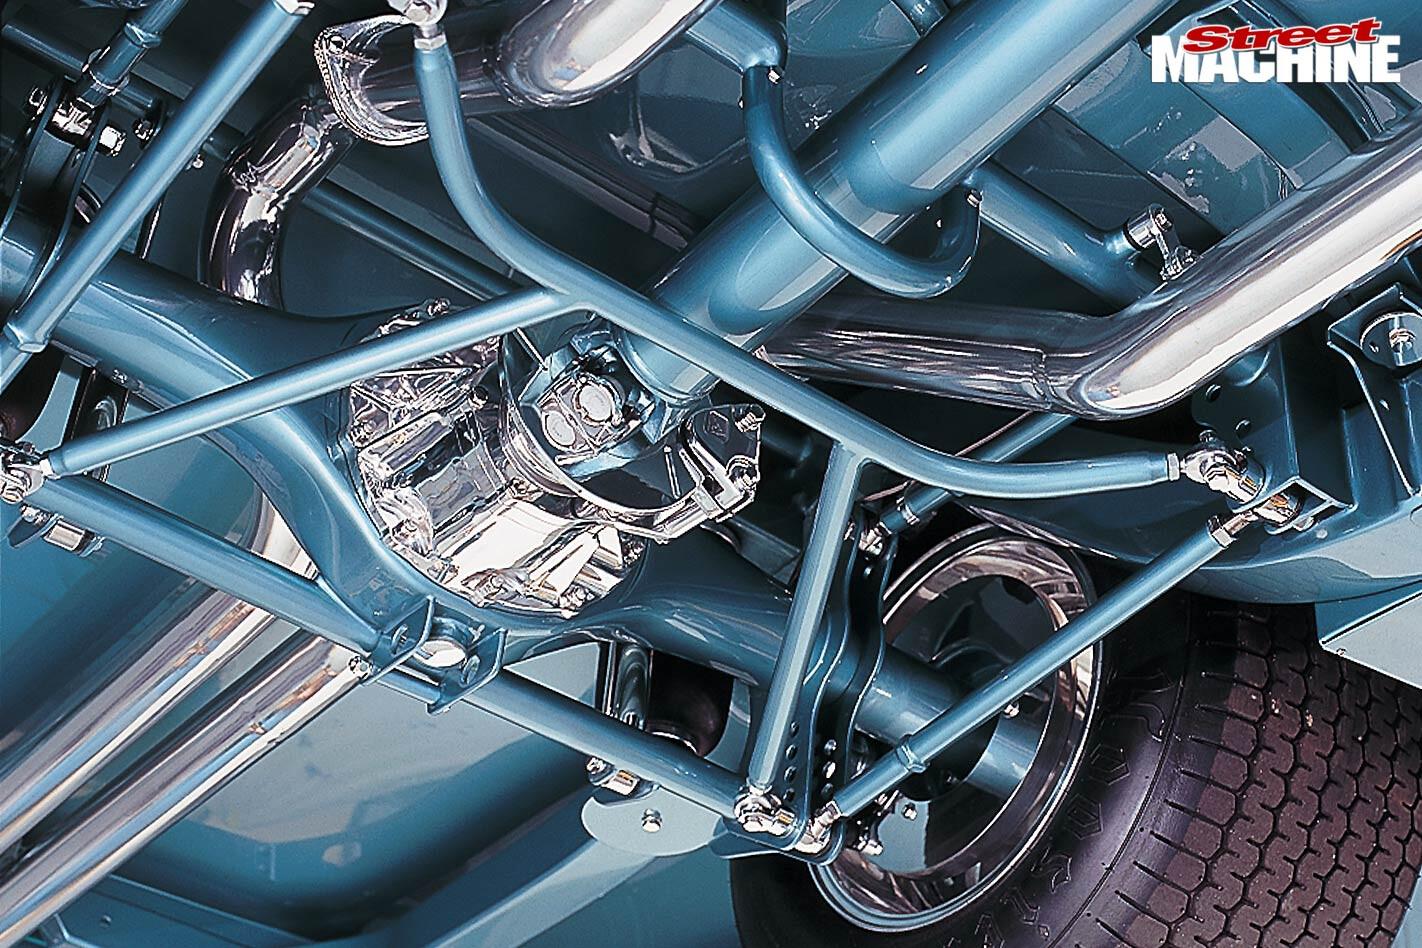 1957 Chev Bel Air underside